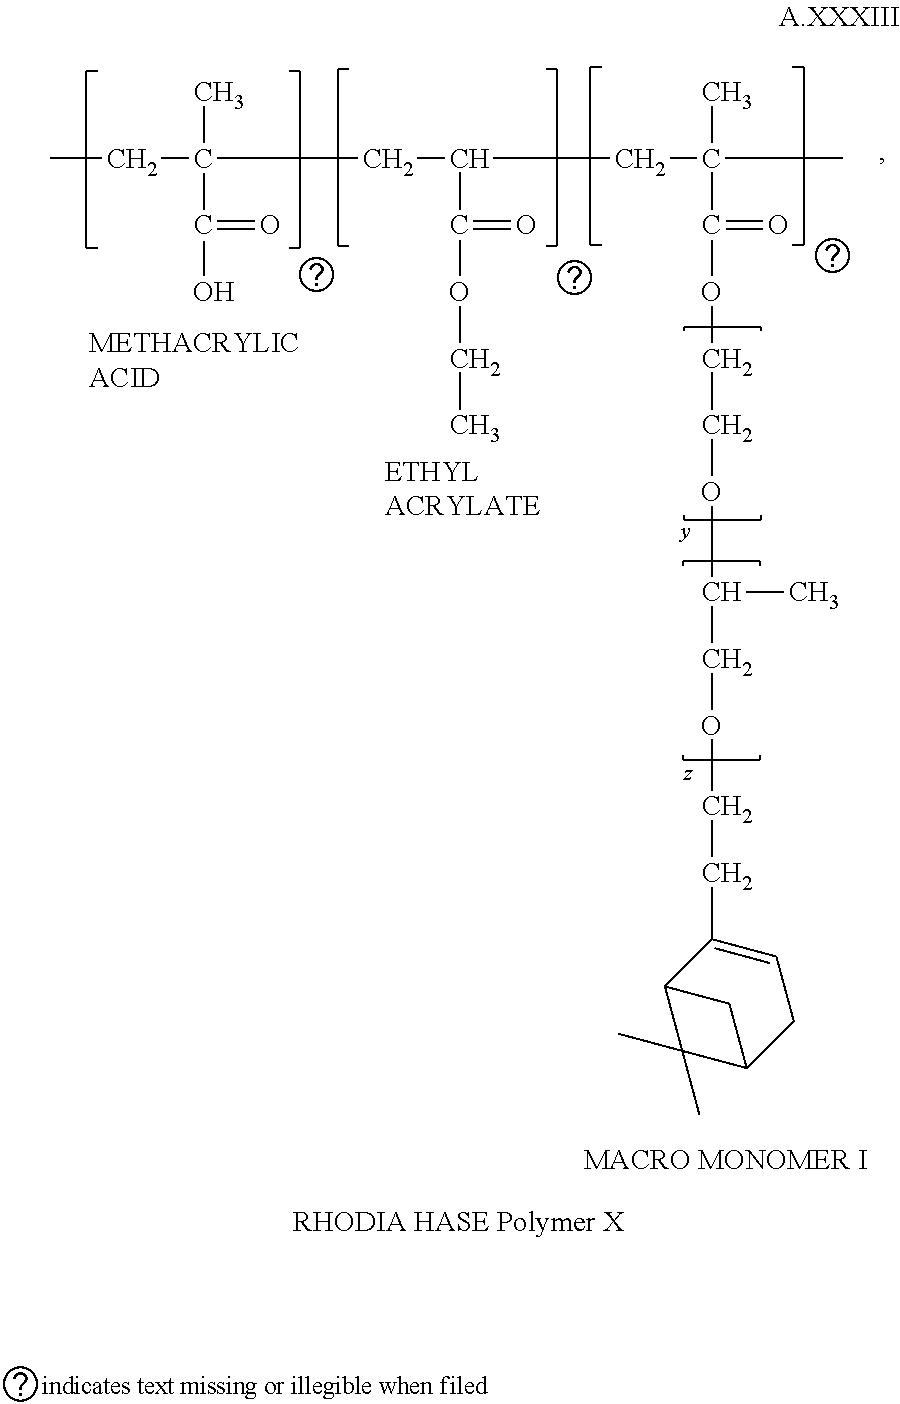 Figure US20110223125A1-20110915-C00035